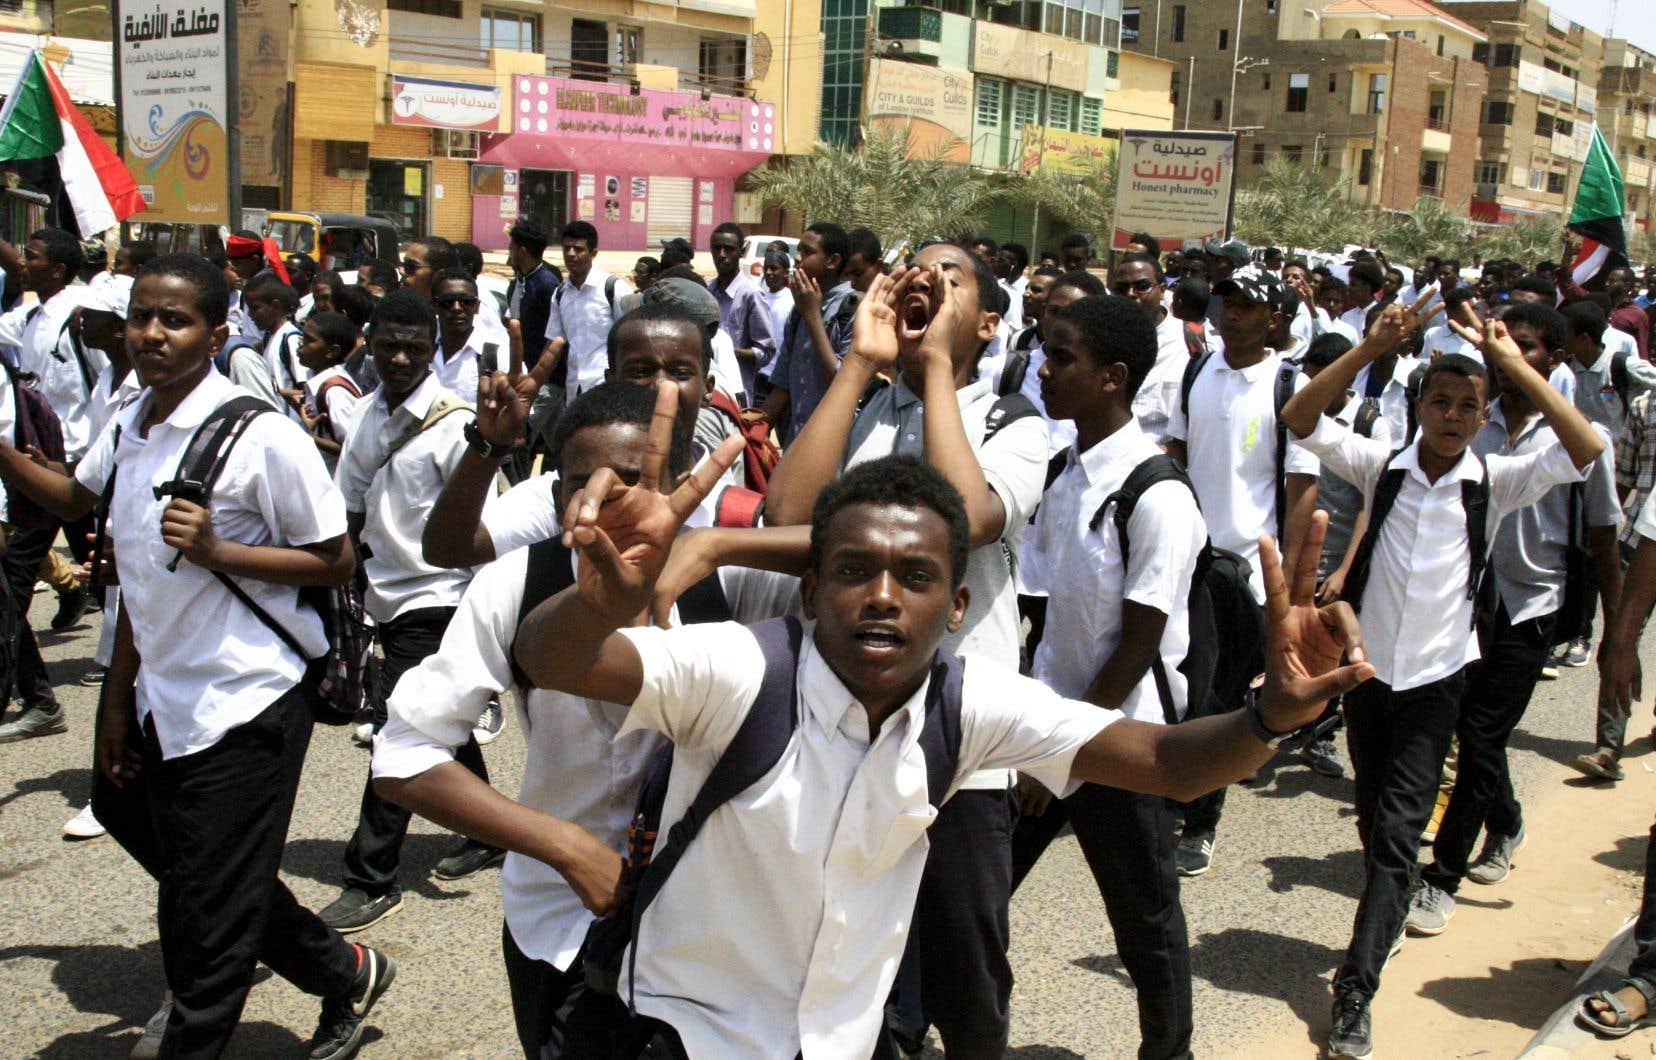 À Khartoum, des centaines d'élèves se sont rassemblés pour dénoncer la mort de leurs camarades tués à Al-Obeid.